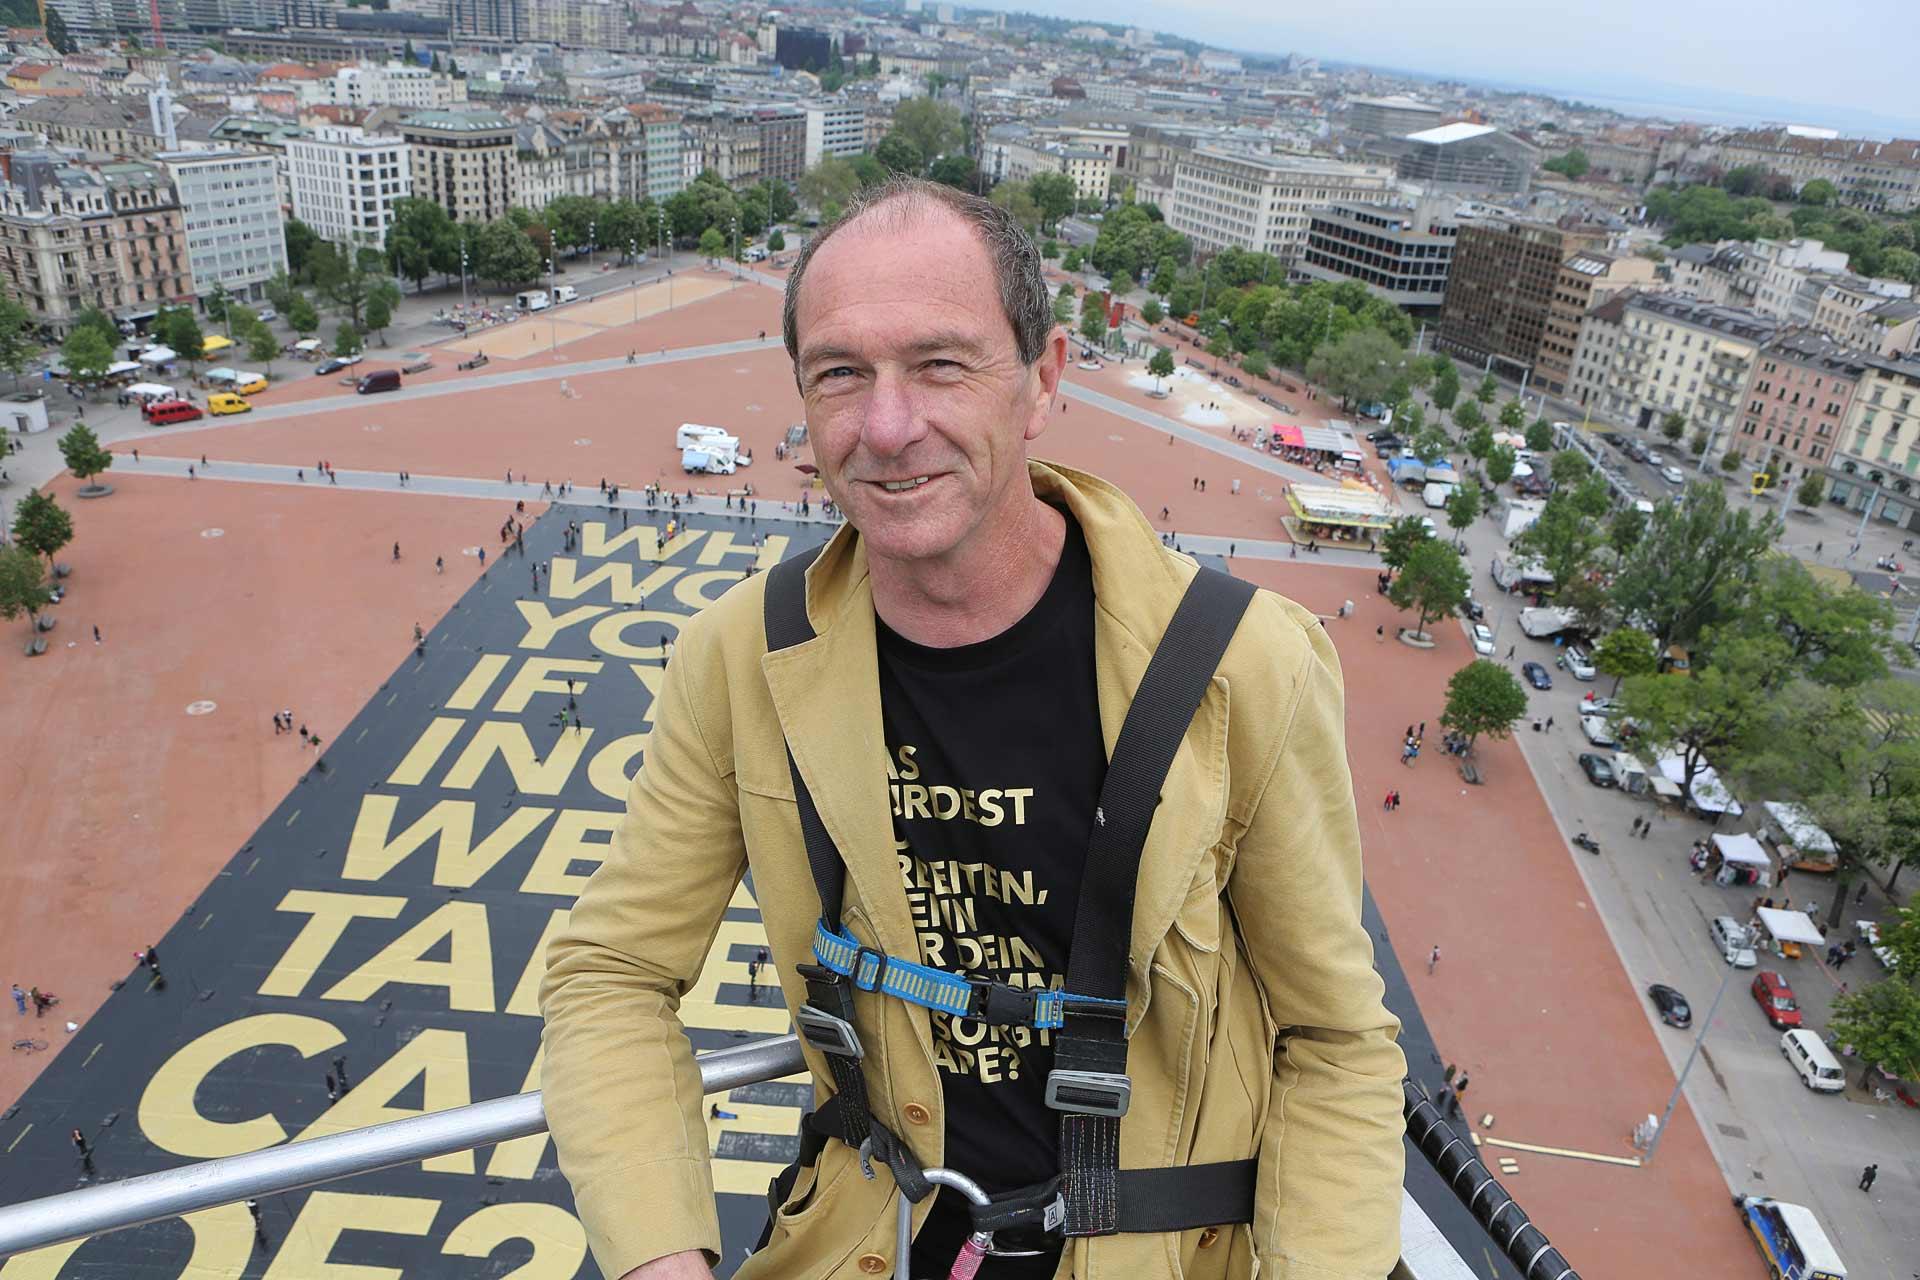 """Enno Schmidt hoch über der Stadt Genf, nachdem der Guinness-Buch-Rekord für das größte Plakat der Welt gewonnen wurde -  """"Bedingungslosigkeit ist weder radikal noch spektakulär"""" taz. die tageszeitung vom 15.10.2009"""